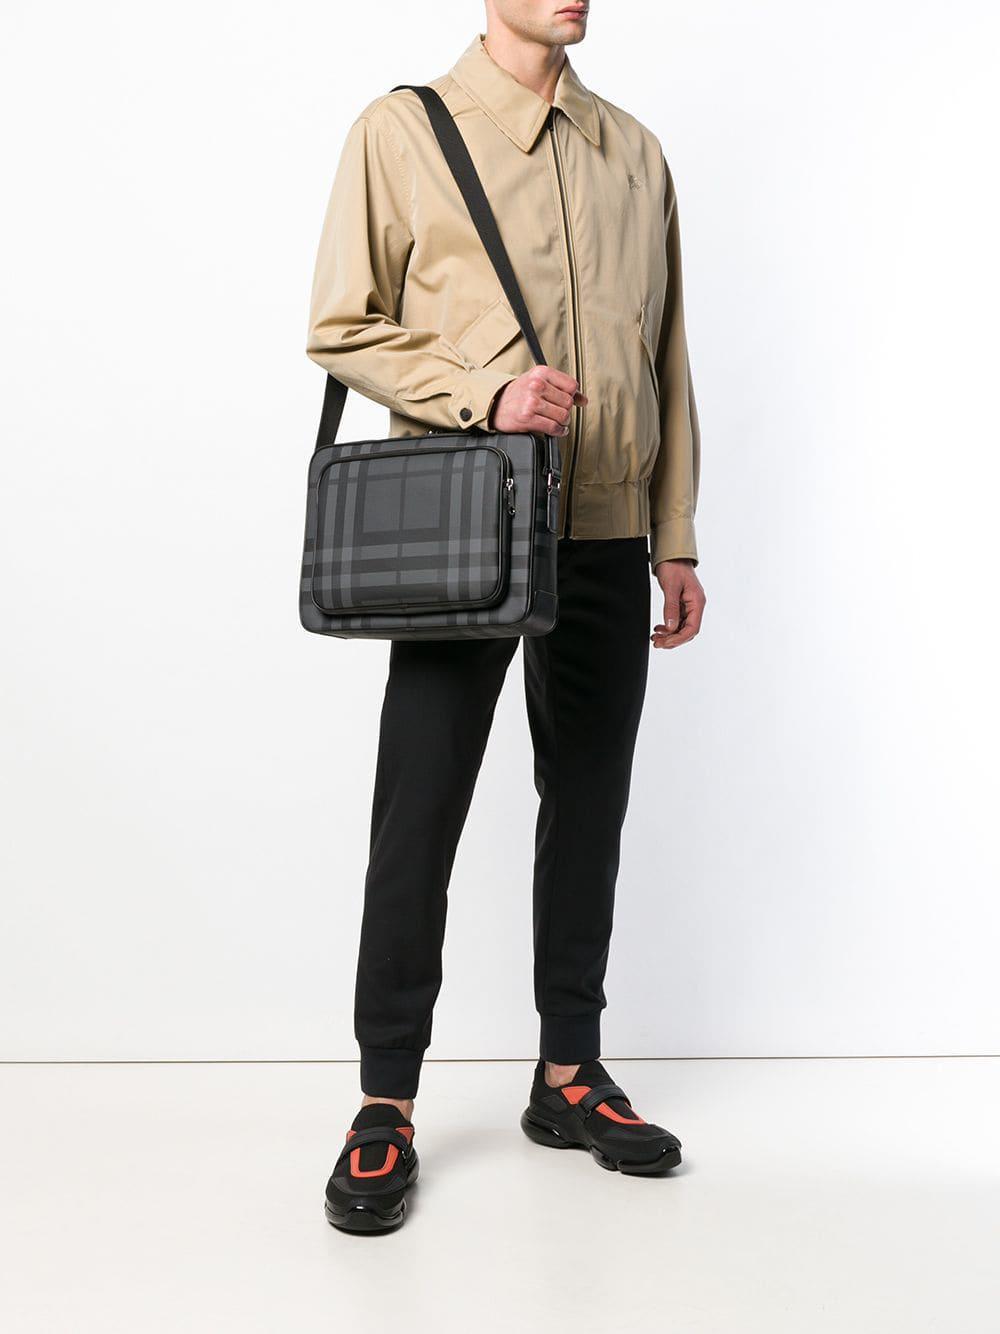 Burberry - Gray Check Shoulder Bag for Men - Lyst. View fullscreen 03b7ec0d47a24